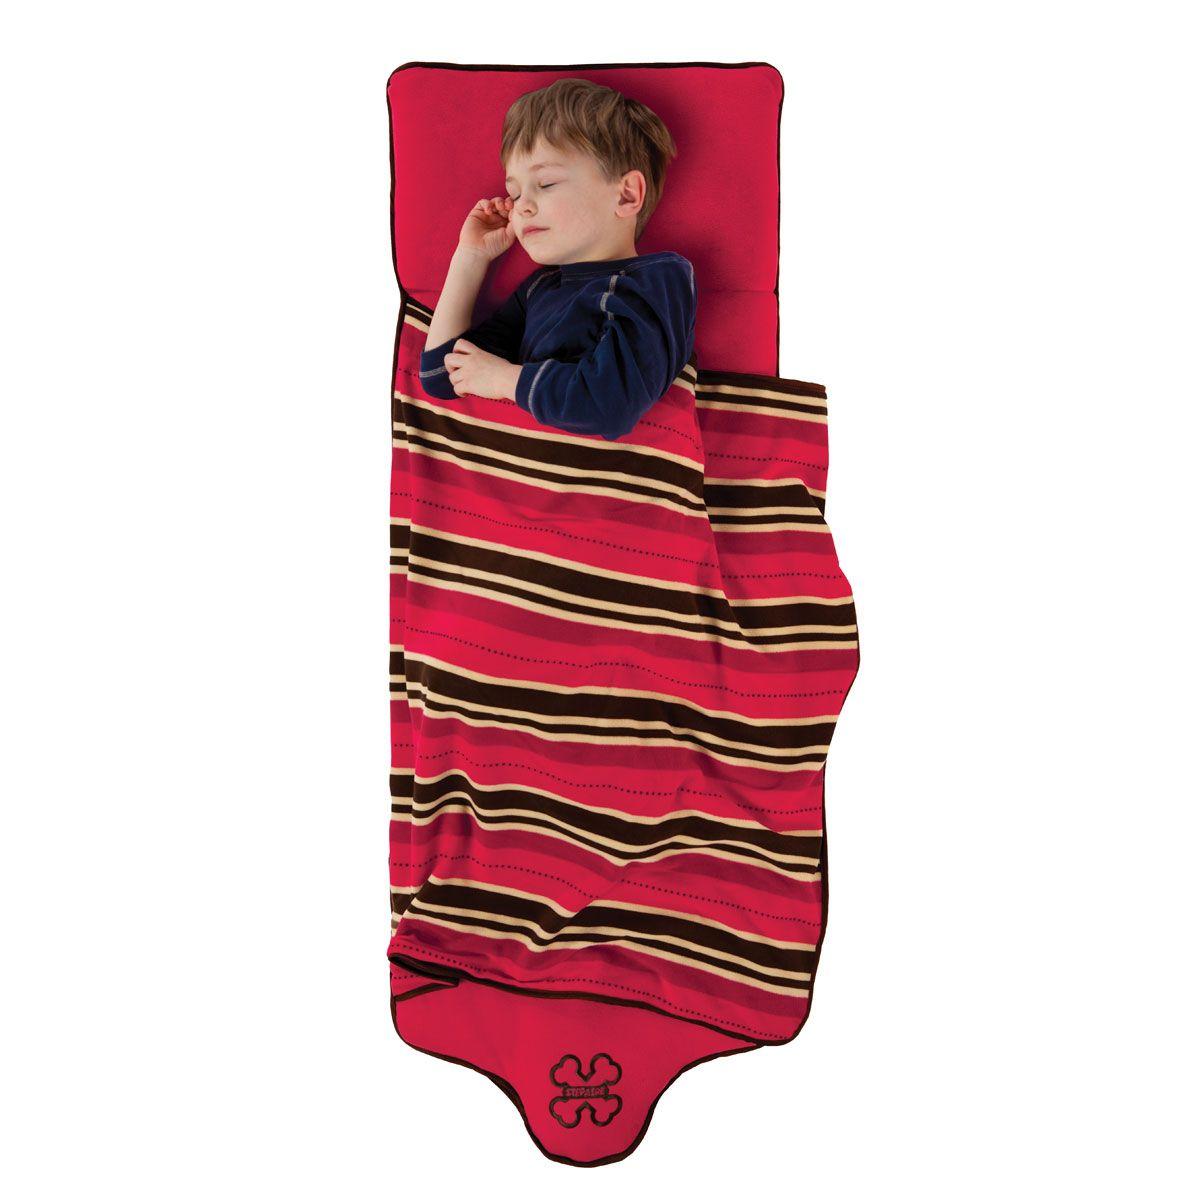 lit d 39 appoint autogonflant avec son sac de couchage pour. Black Bedroom Furniture Sets. Home Design Ideas